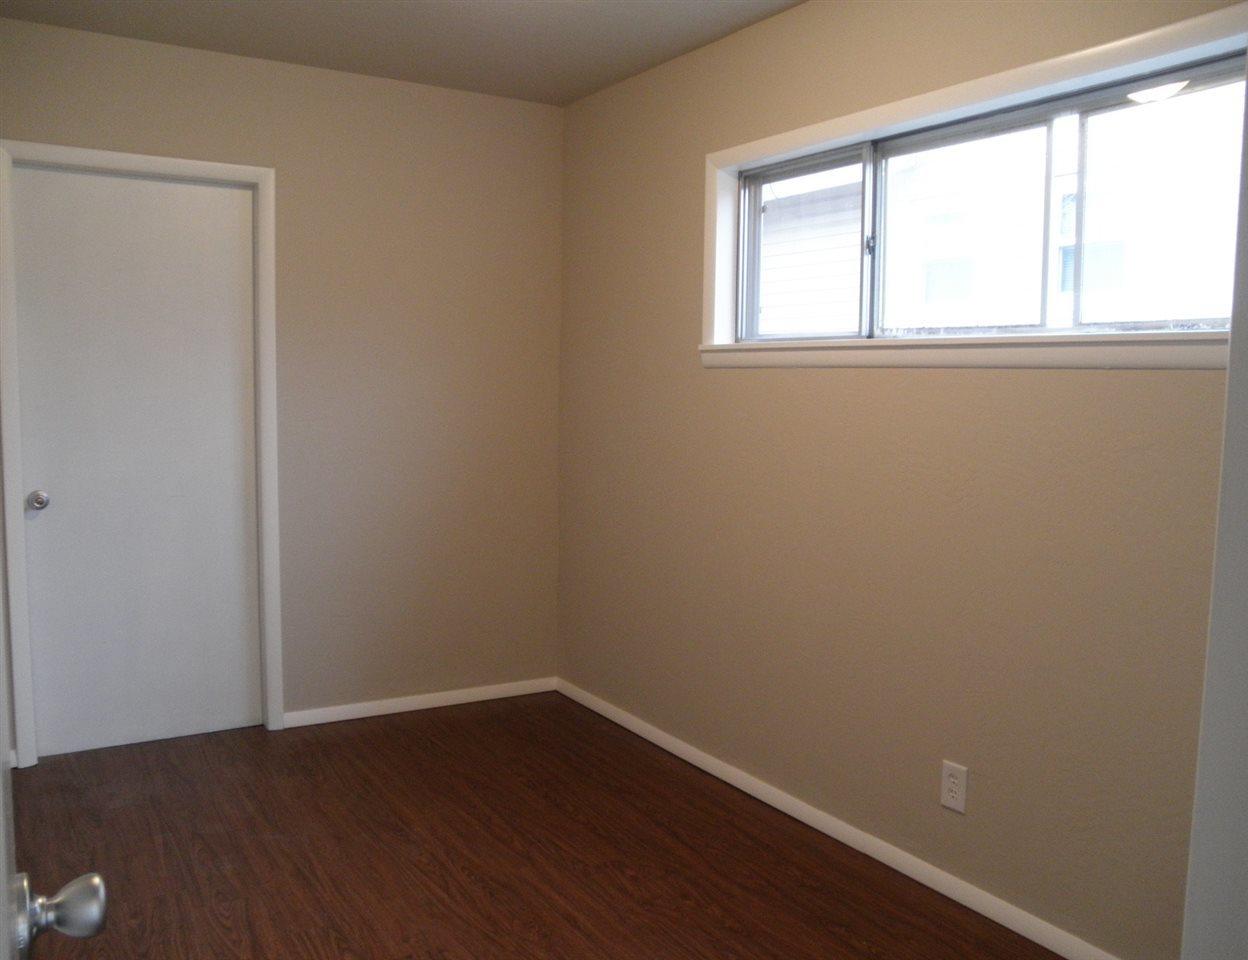 Sold Cross Sale W/ MLS | 1413 El Camino  Ponca City, OK 74604 23